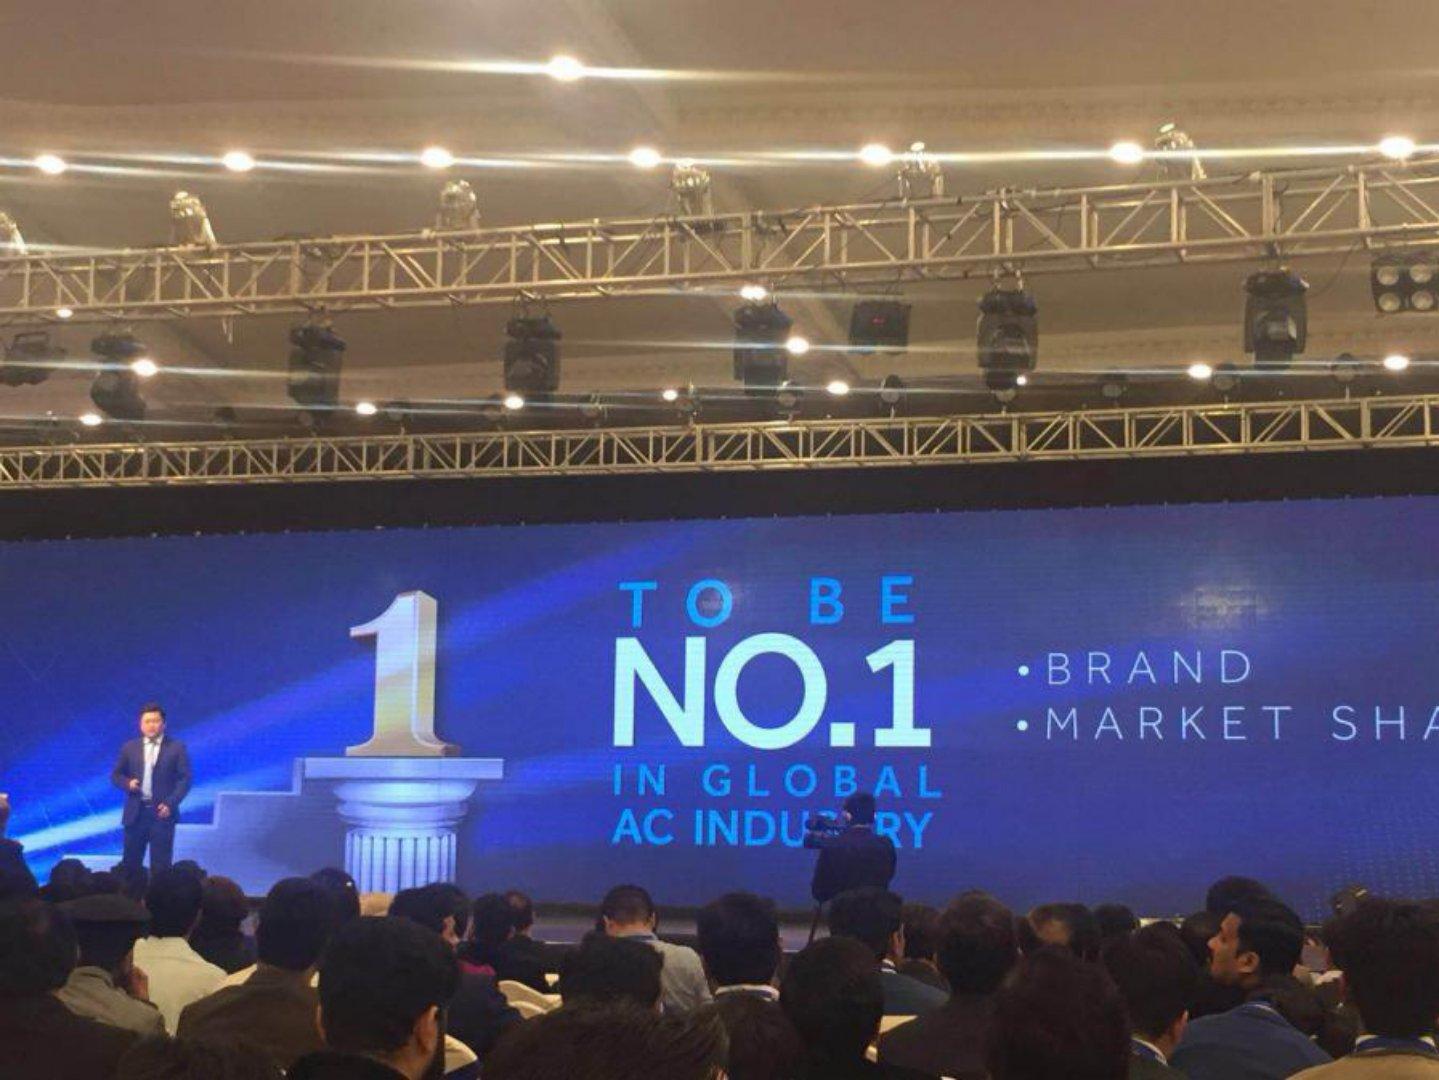 巴基斯坦TOP10无日韩系,排在NO.1的是海尔